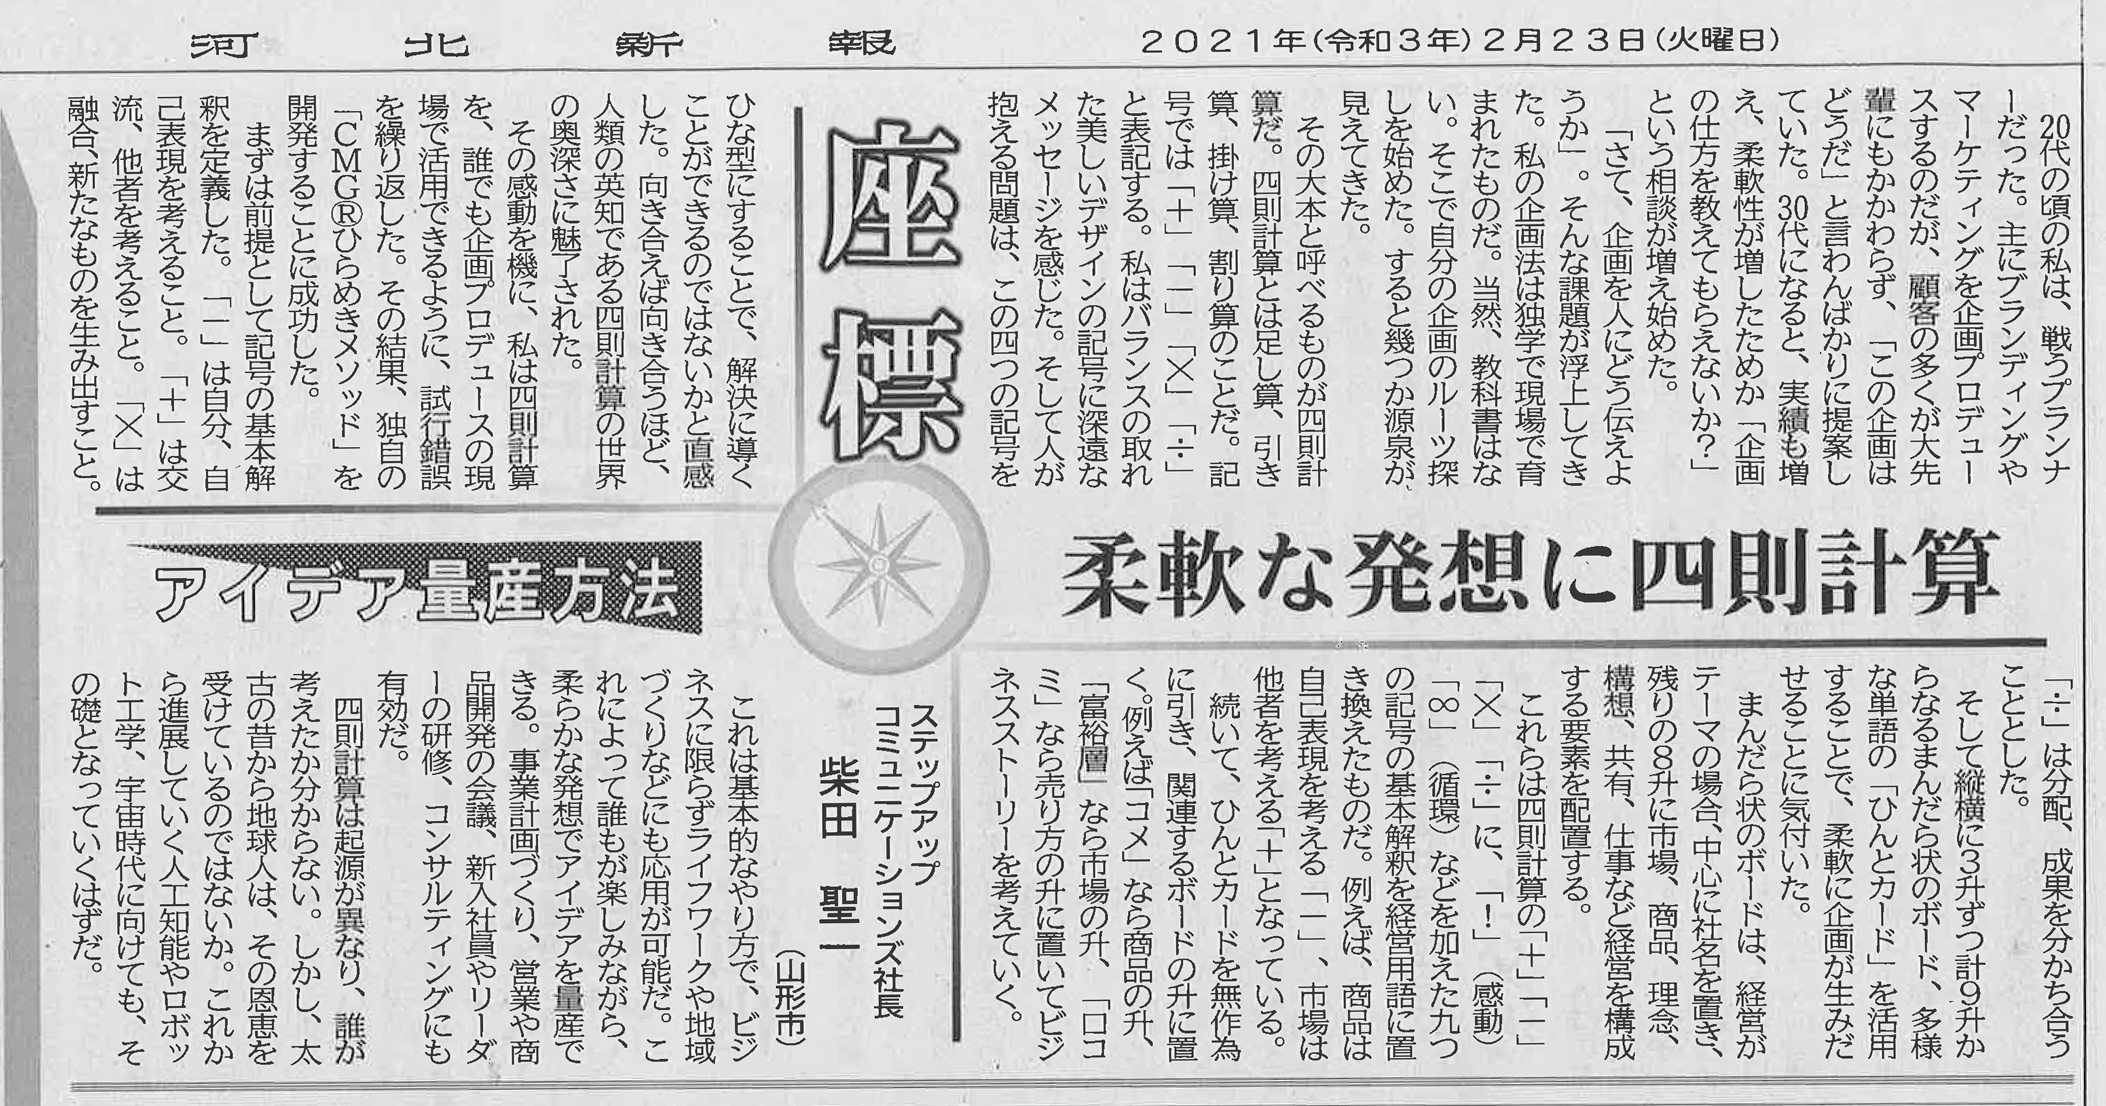 河北新報:座標にて_コラム第二稿:画像